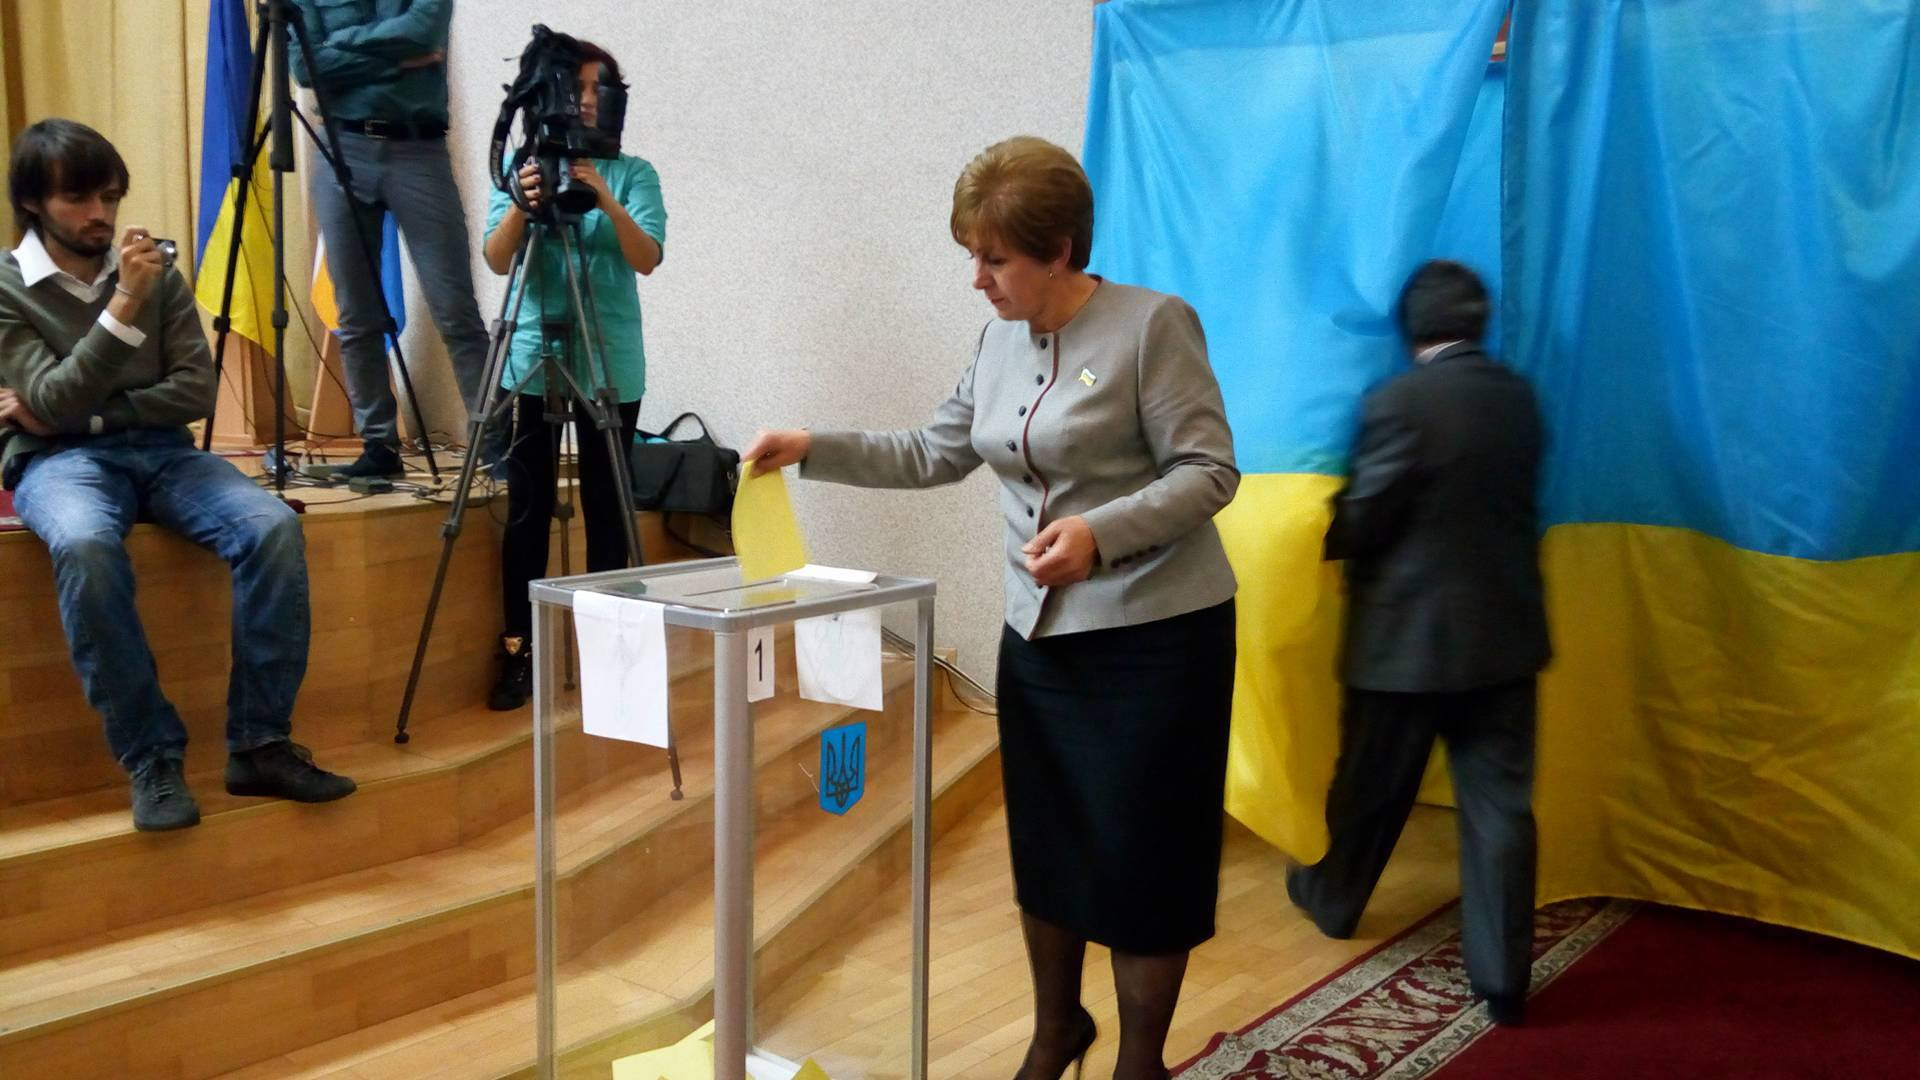 Зміна влади: Соколова зняли з посади заступника голови Миколаївської облради - фото 4